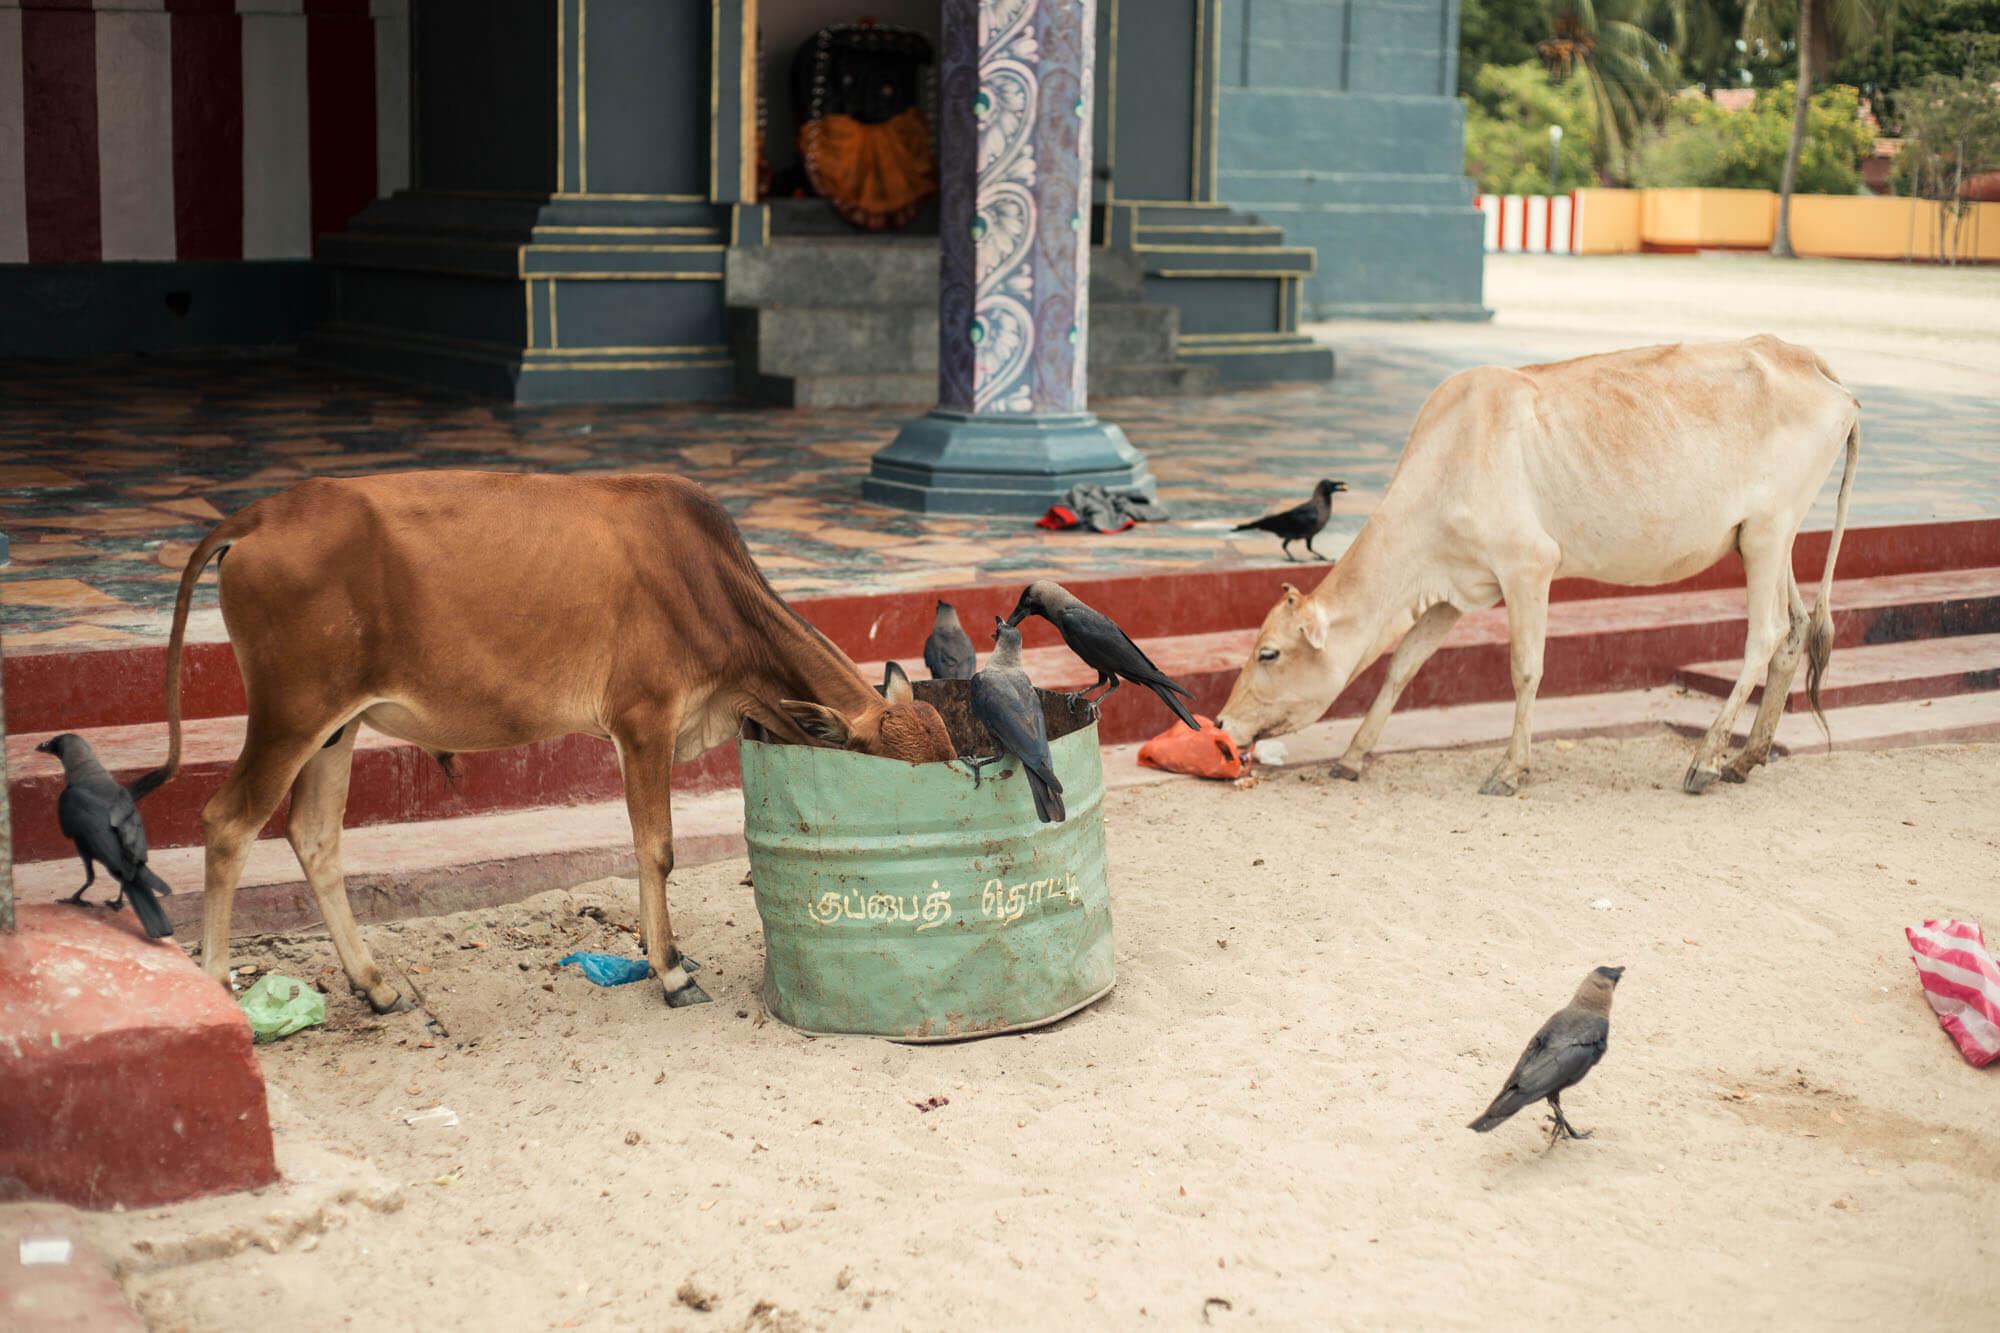 Pierre Desrumeaux photographie de reportage documentaire en Asie